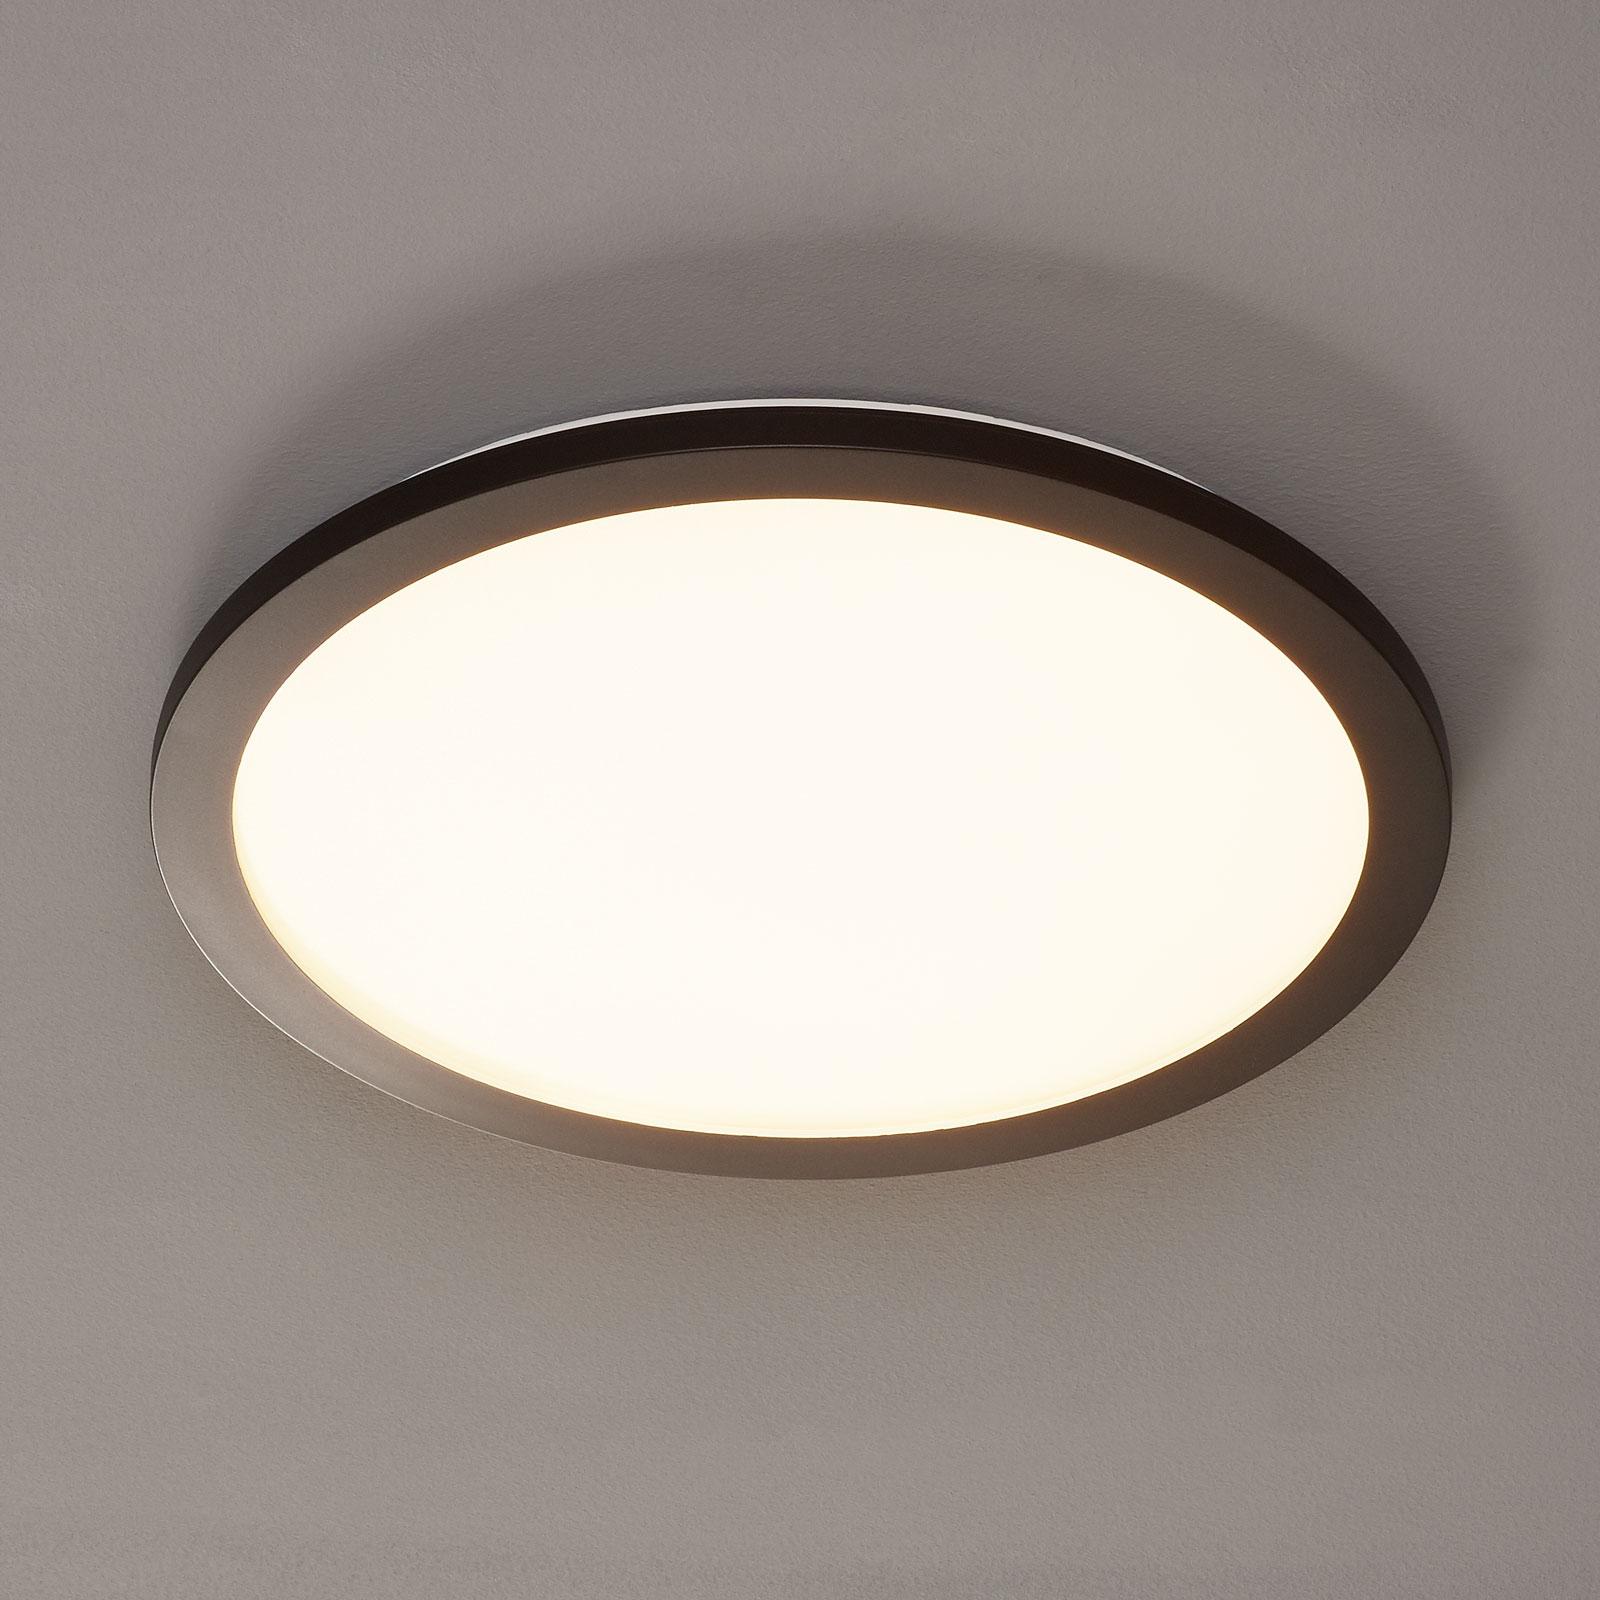 LED stropní světlo Camillus, kulaté, Ø 40 cm